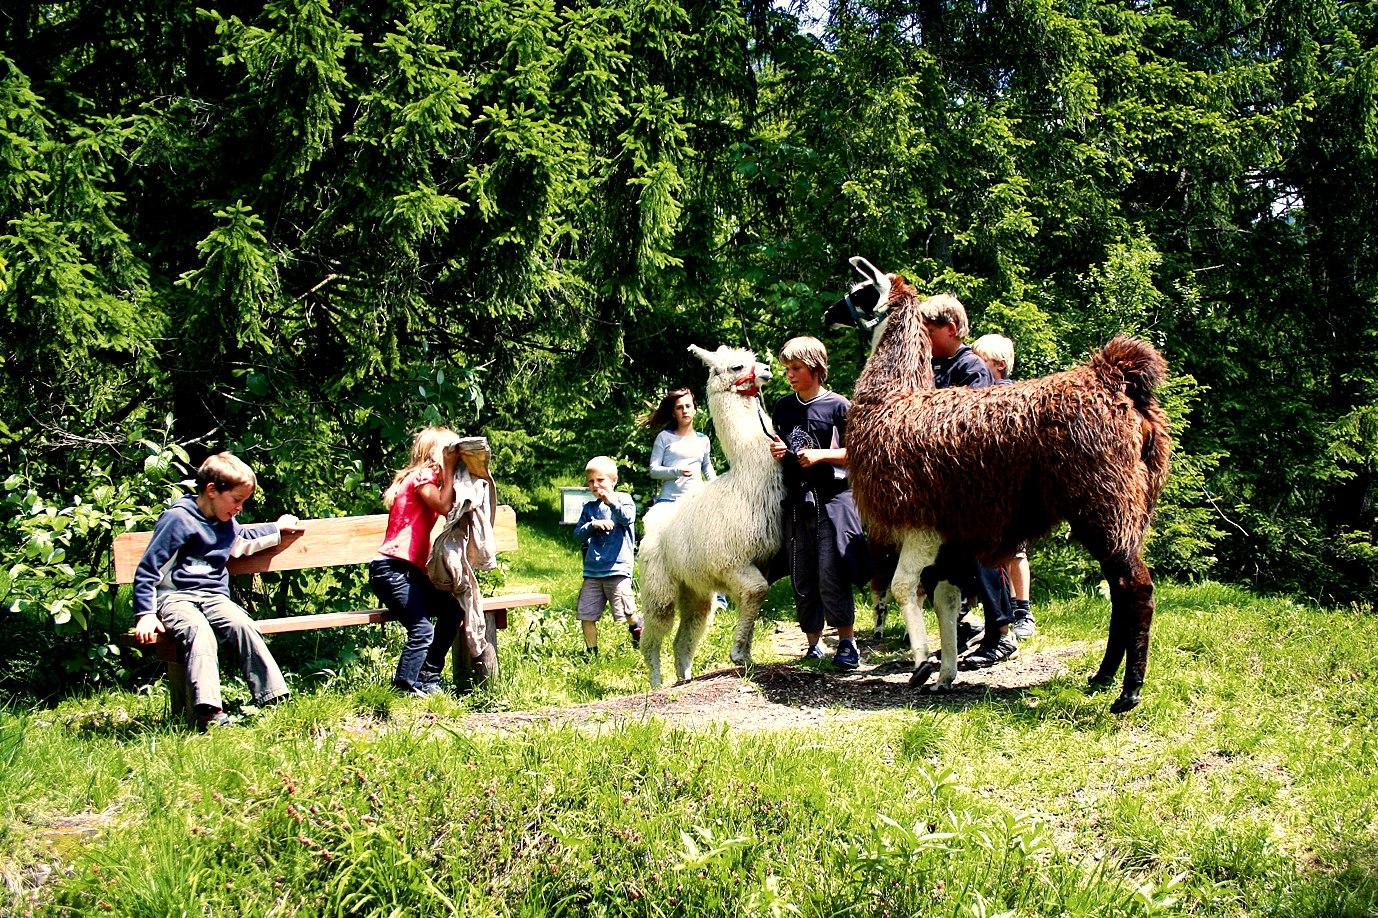 Lamawanderung Bayrischzell, © Tourist-Info Bayrischzell